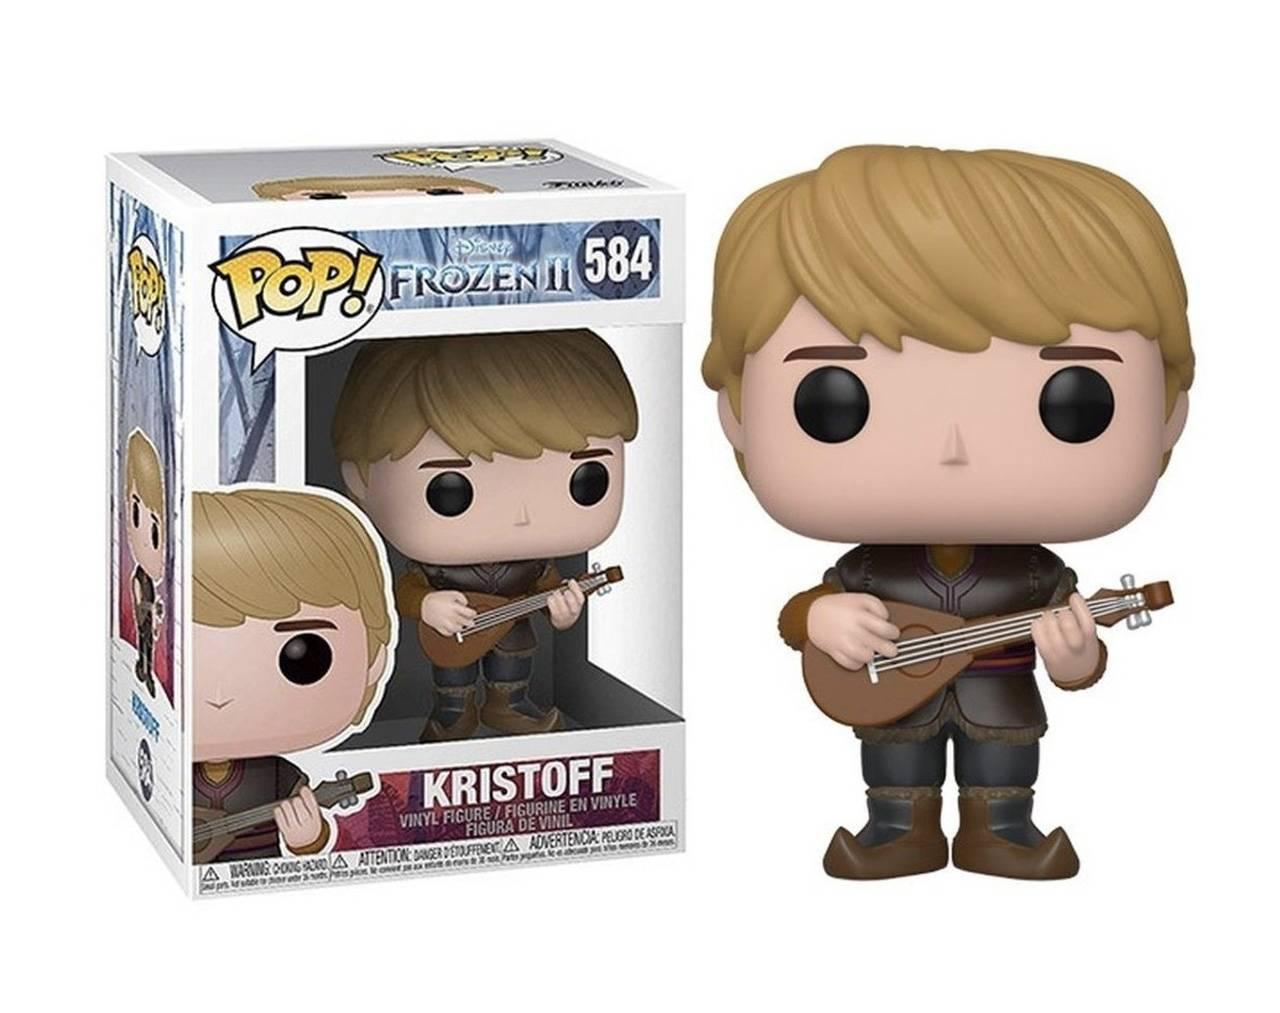 Kristoff (Frozen 2) Pop! Vinyl